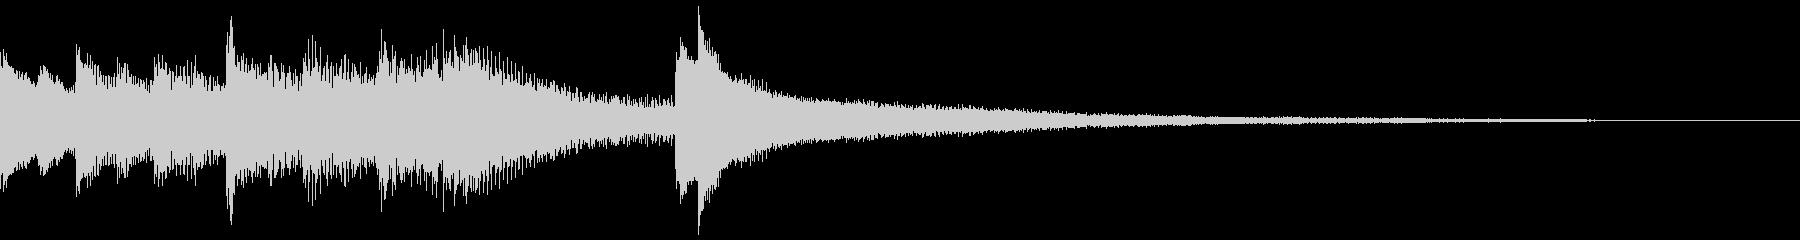 しっとり大人な雰囲気のピアノジングルB3の未再生の波形